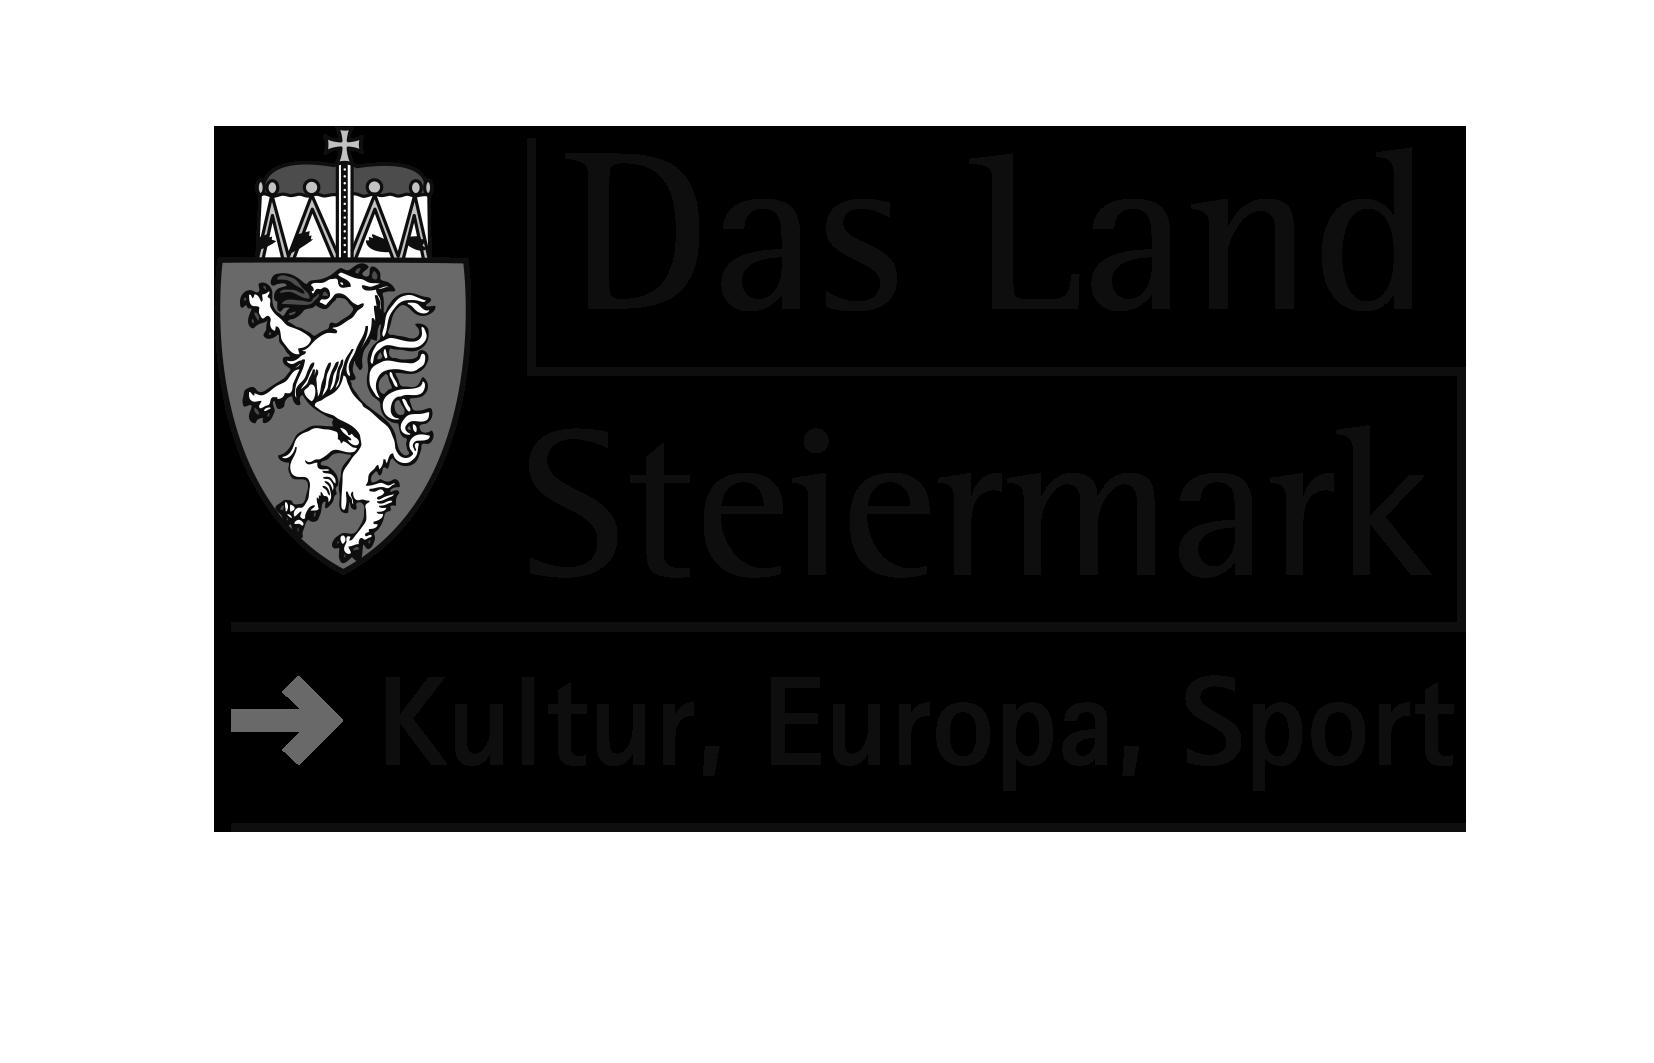 A53_funding logo_A9_Kultur_Europa_Sport_SW